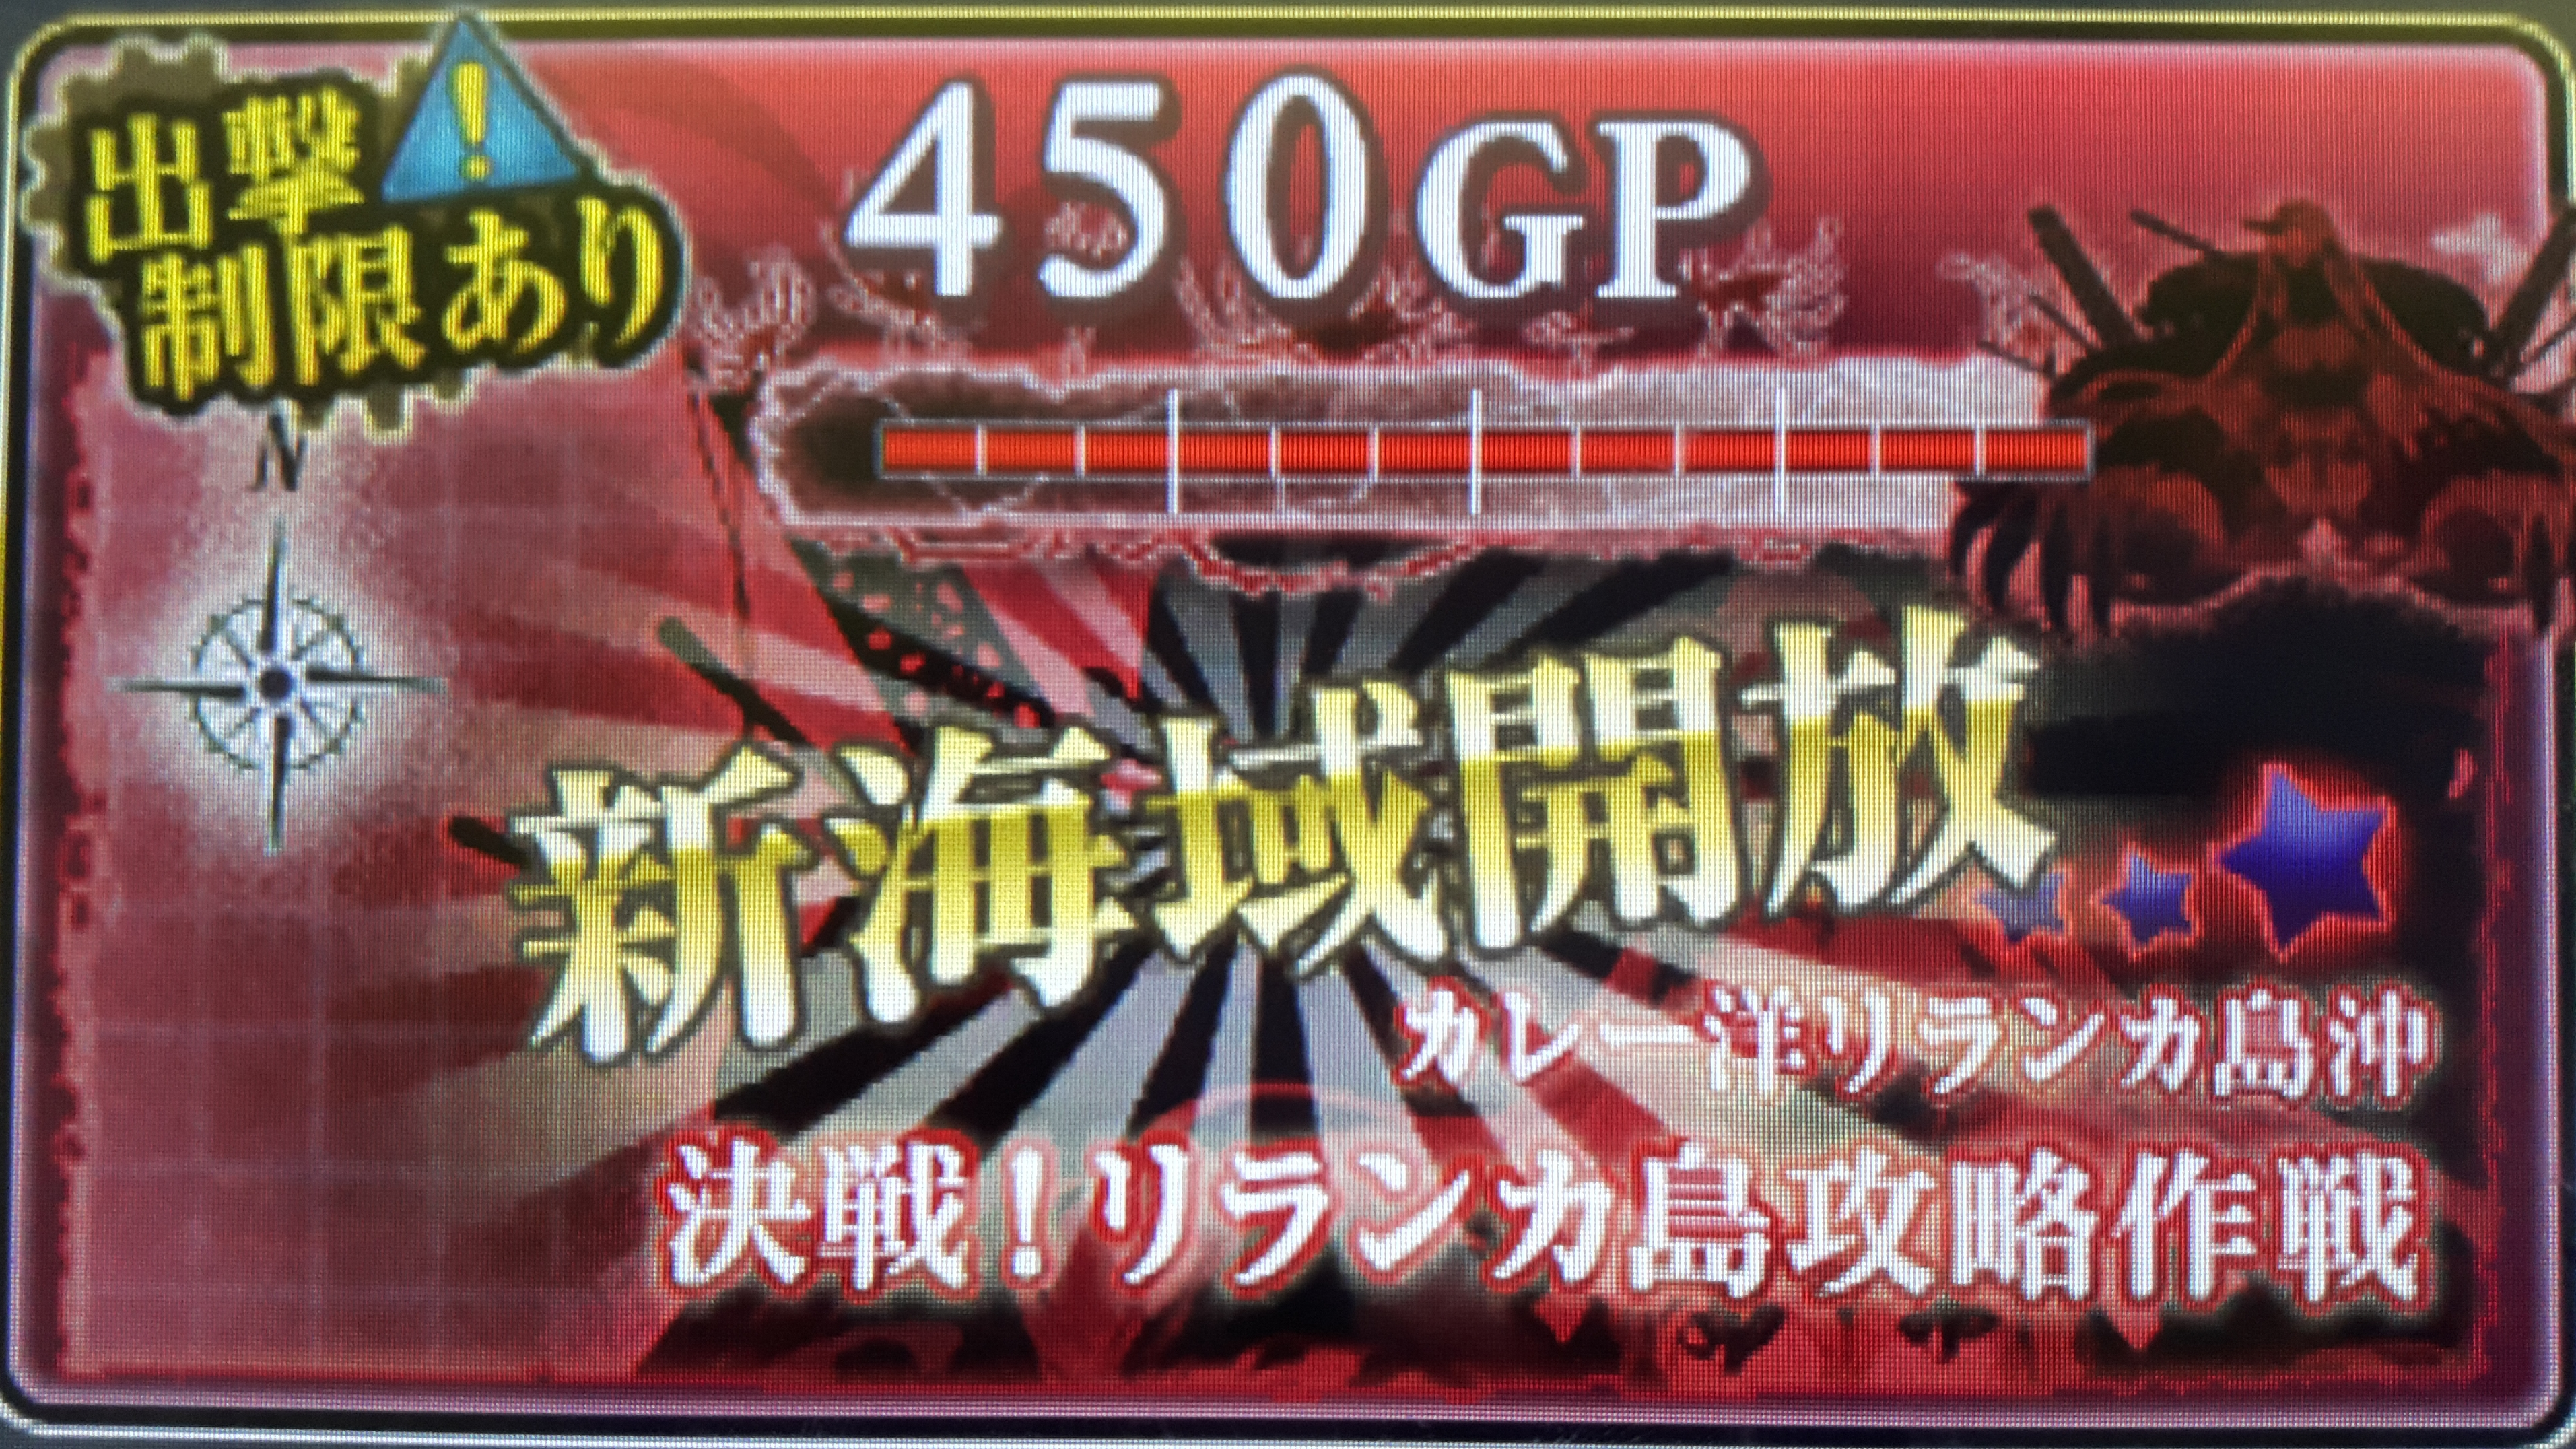 【AC】E6 決戦!リランカ島攻略作戦(甲作戦)攻略